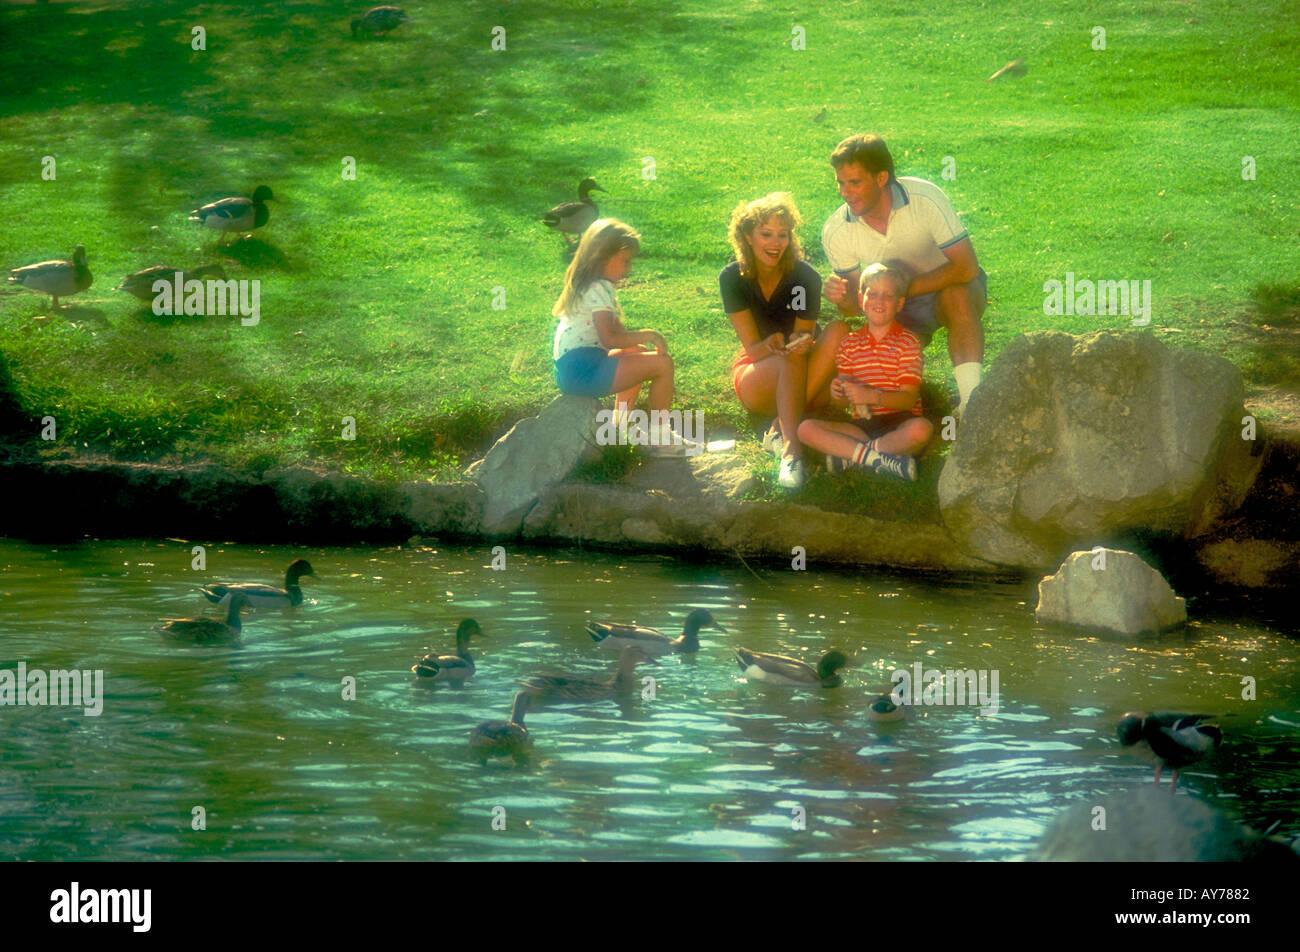 Familie Picknick Erwachsene 30 Kinder Feeding Ducks Vögel lifestyle Wasser, See Stockbild